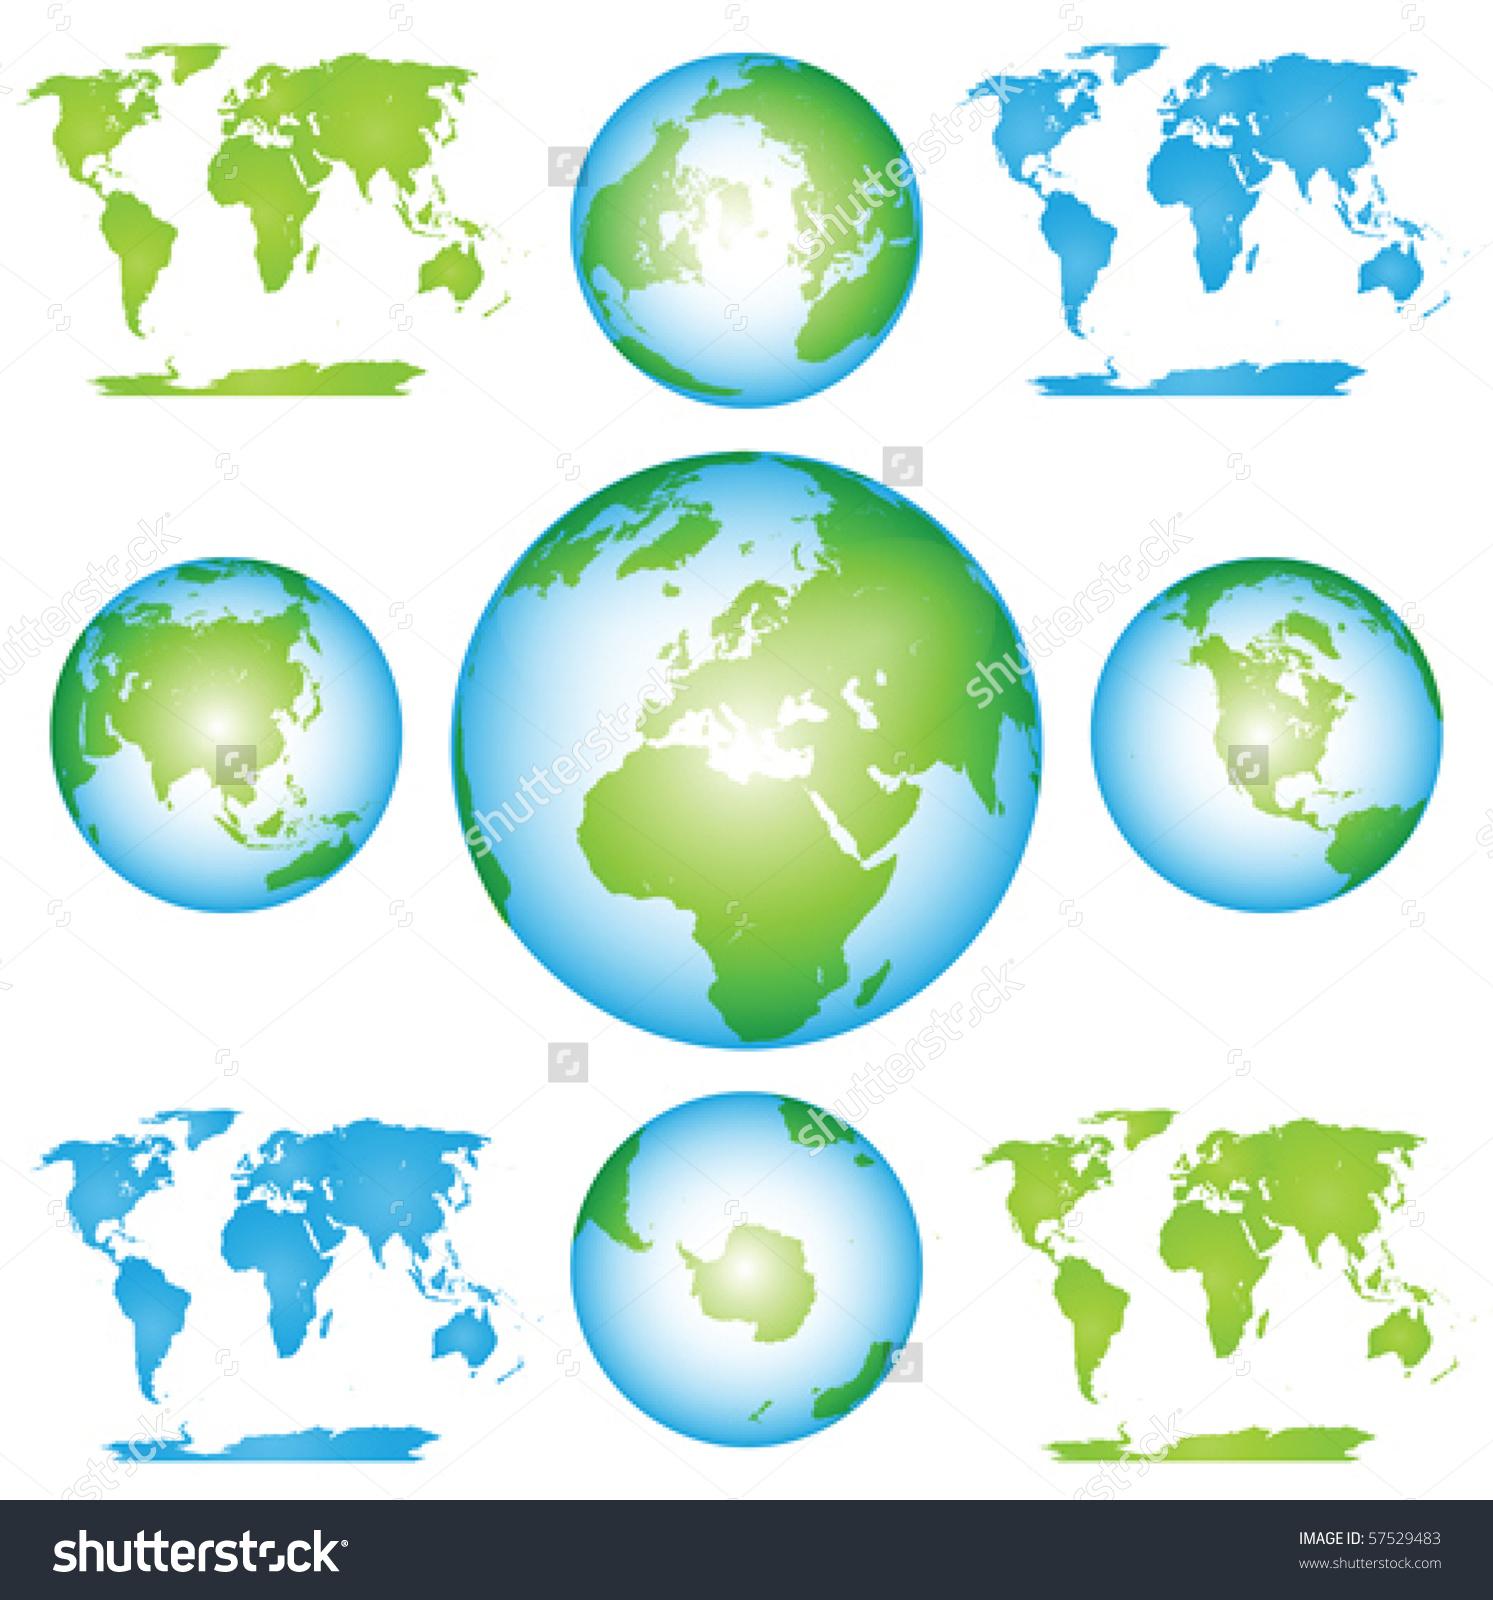 Vector Globes Maps Collection Clip Art Stock Vector 57529483.